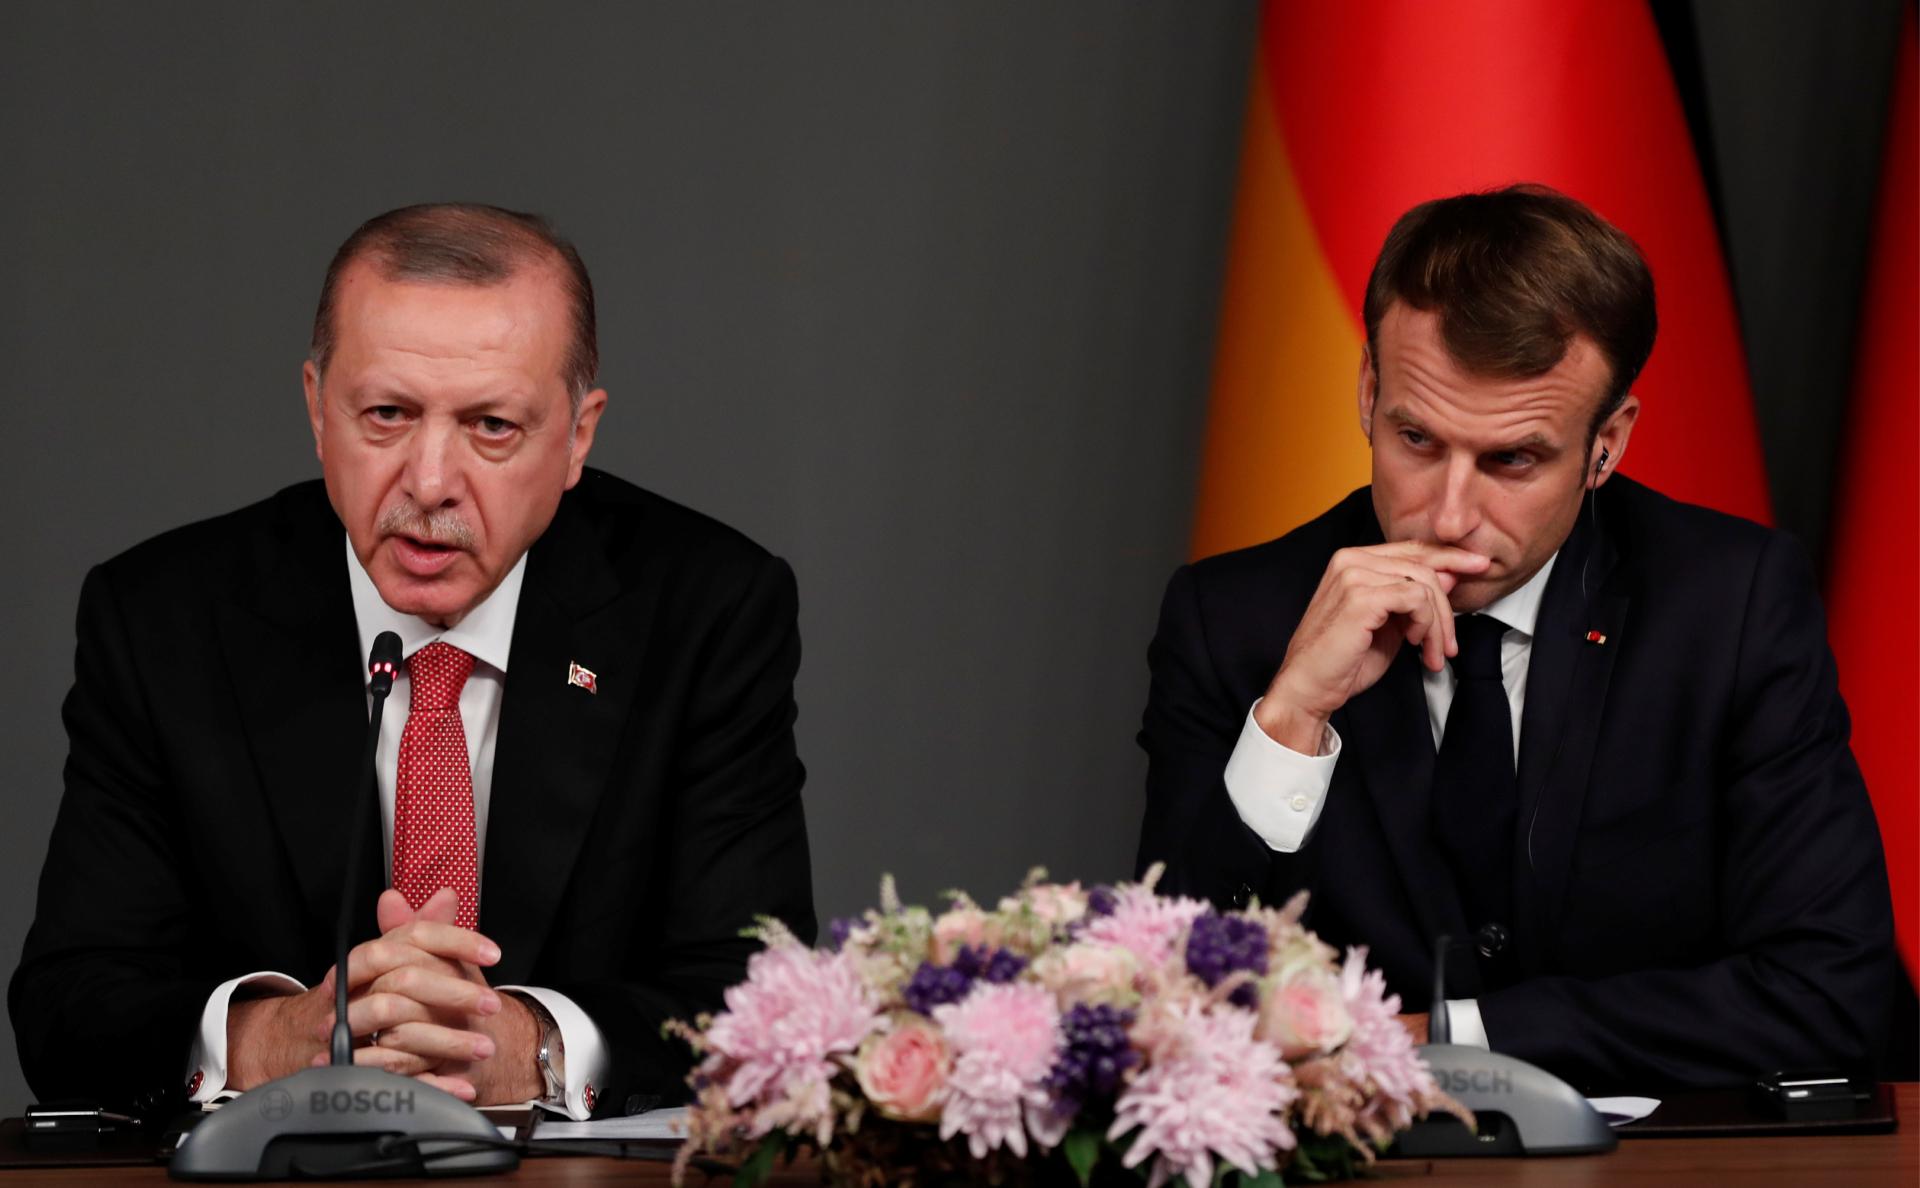 Франция отозвала посла в Турции после слов Эрдогана о Макроне